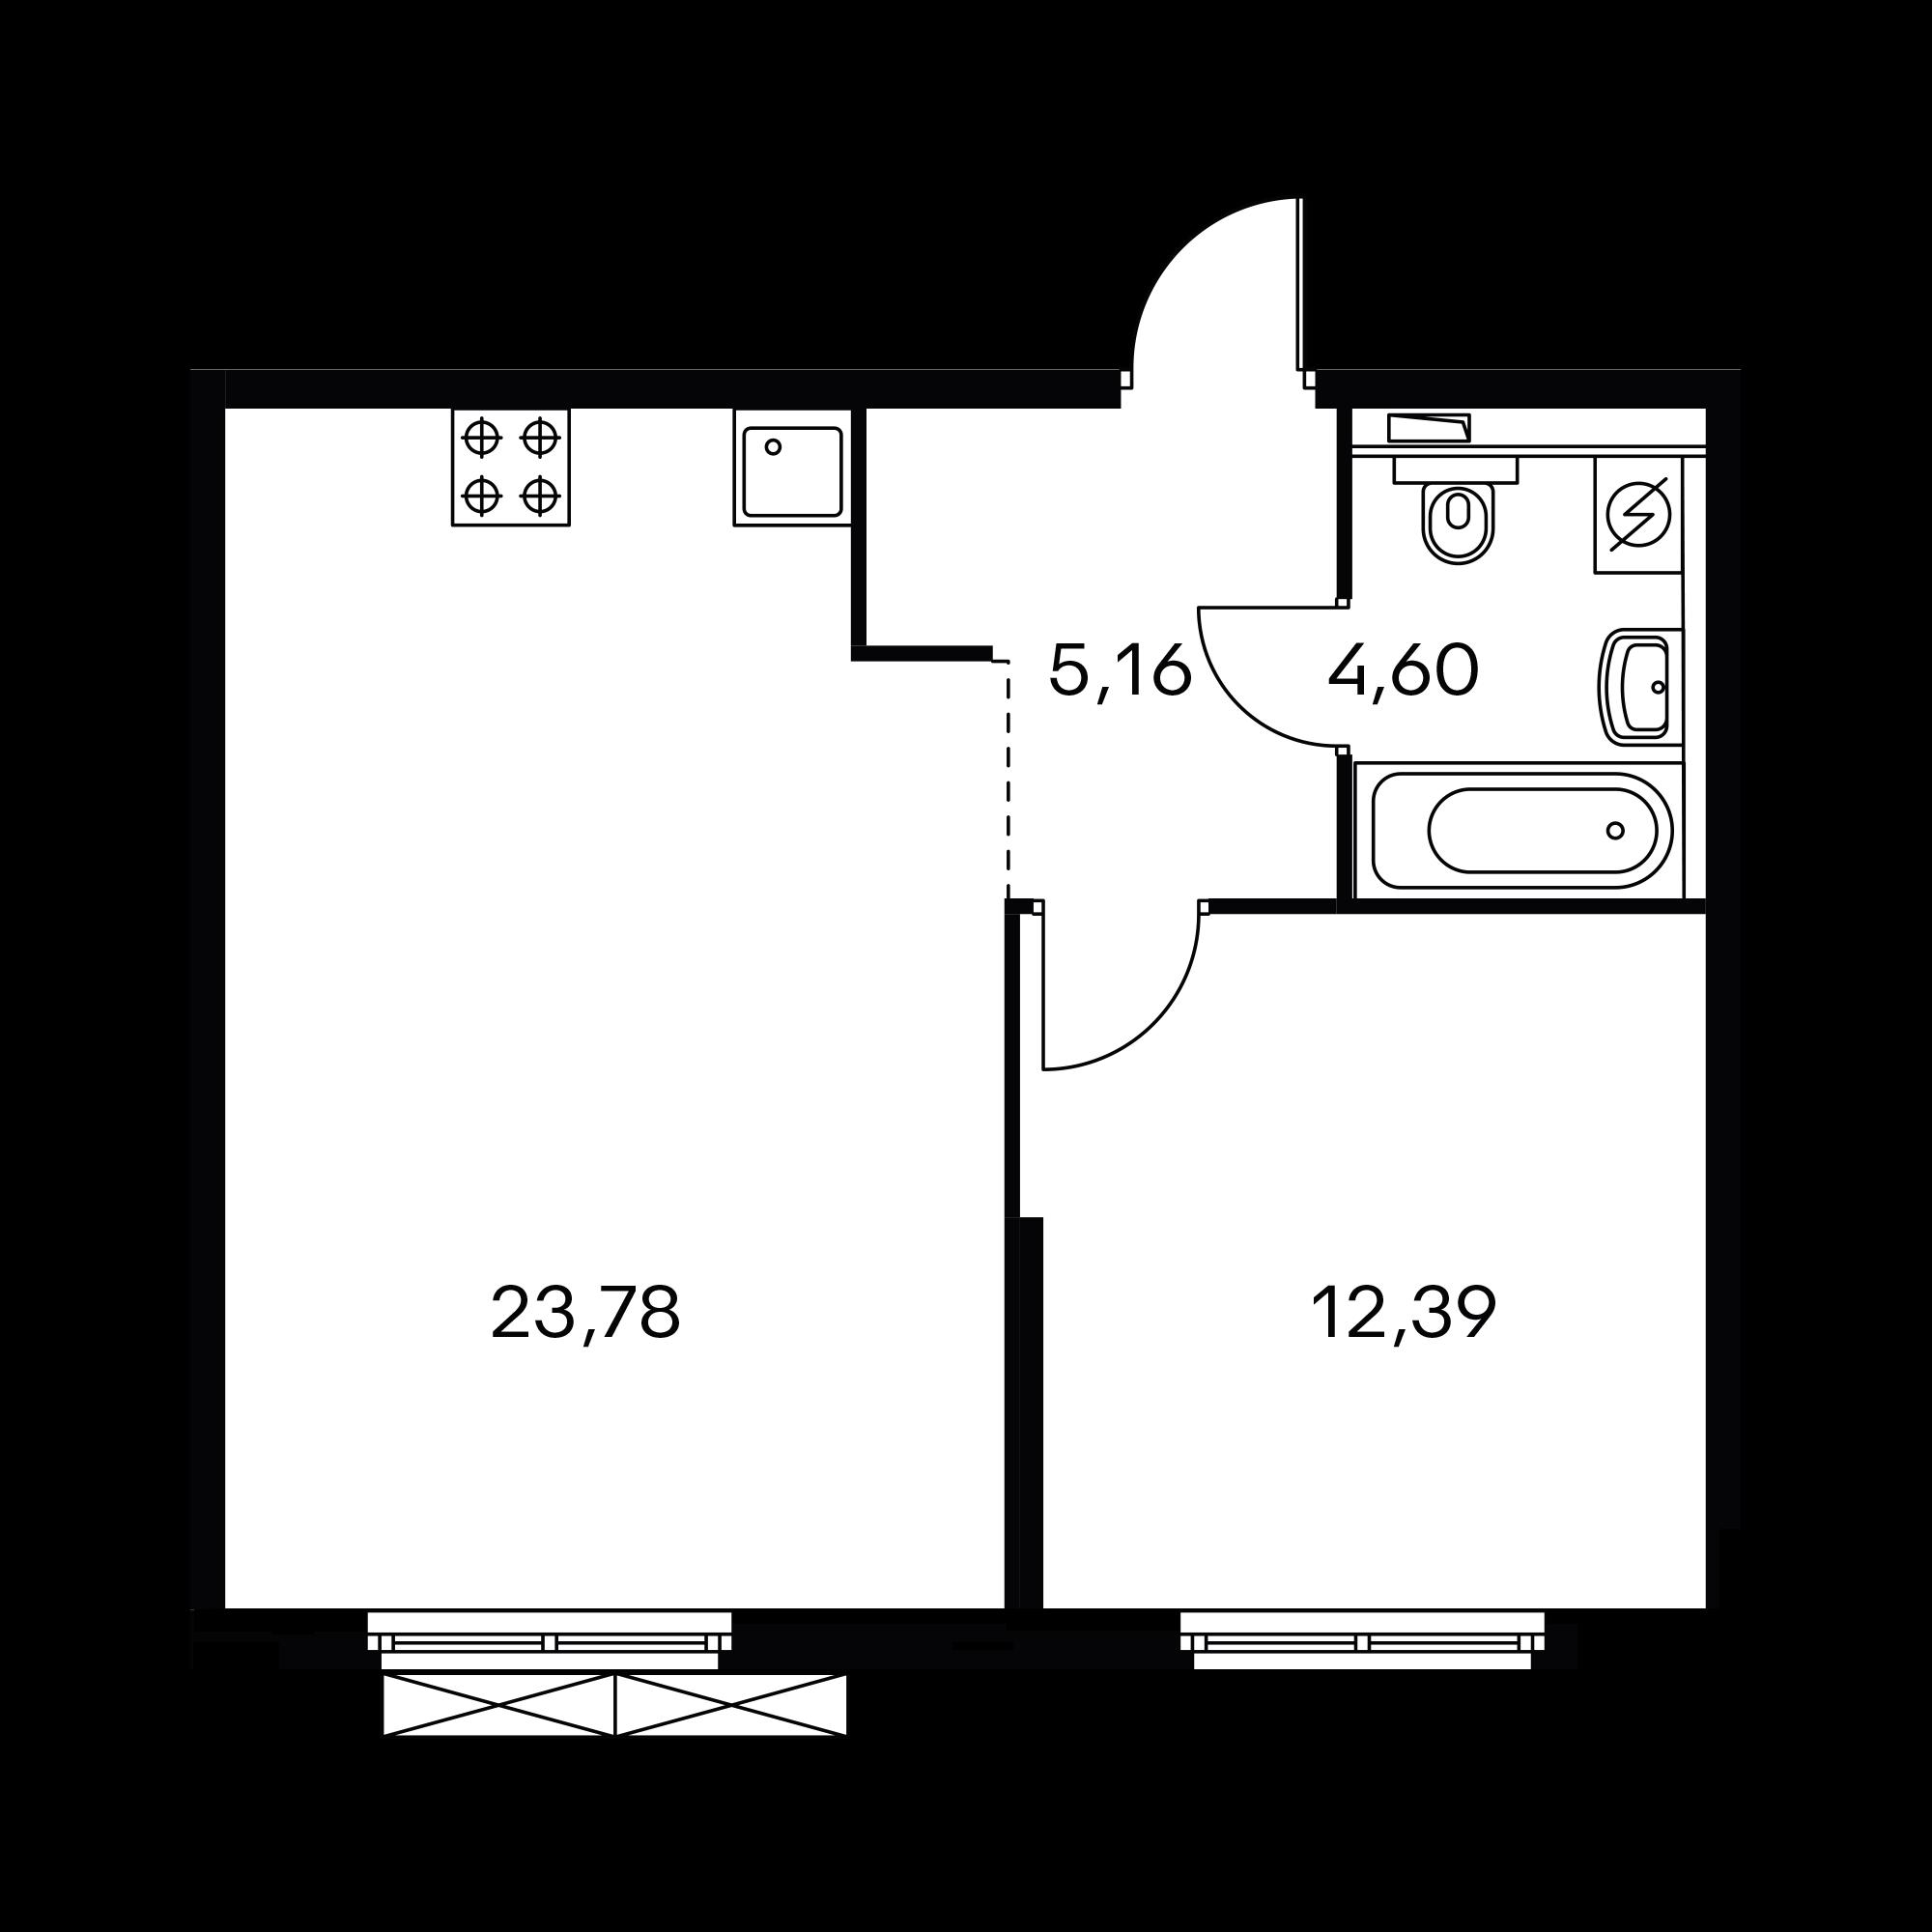 1EL5_7.8-1_S_Z6